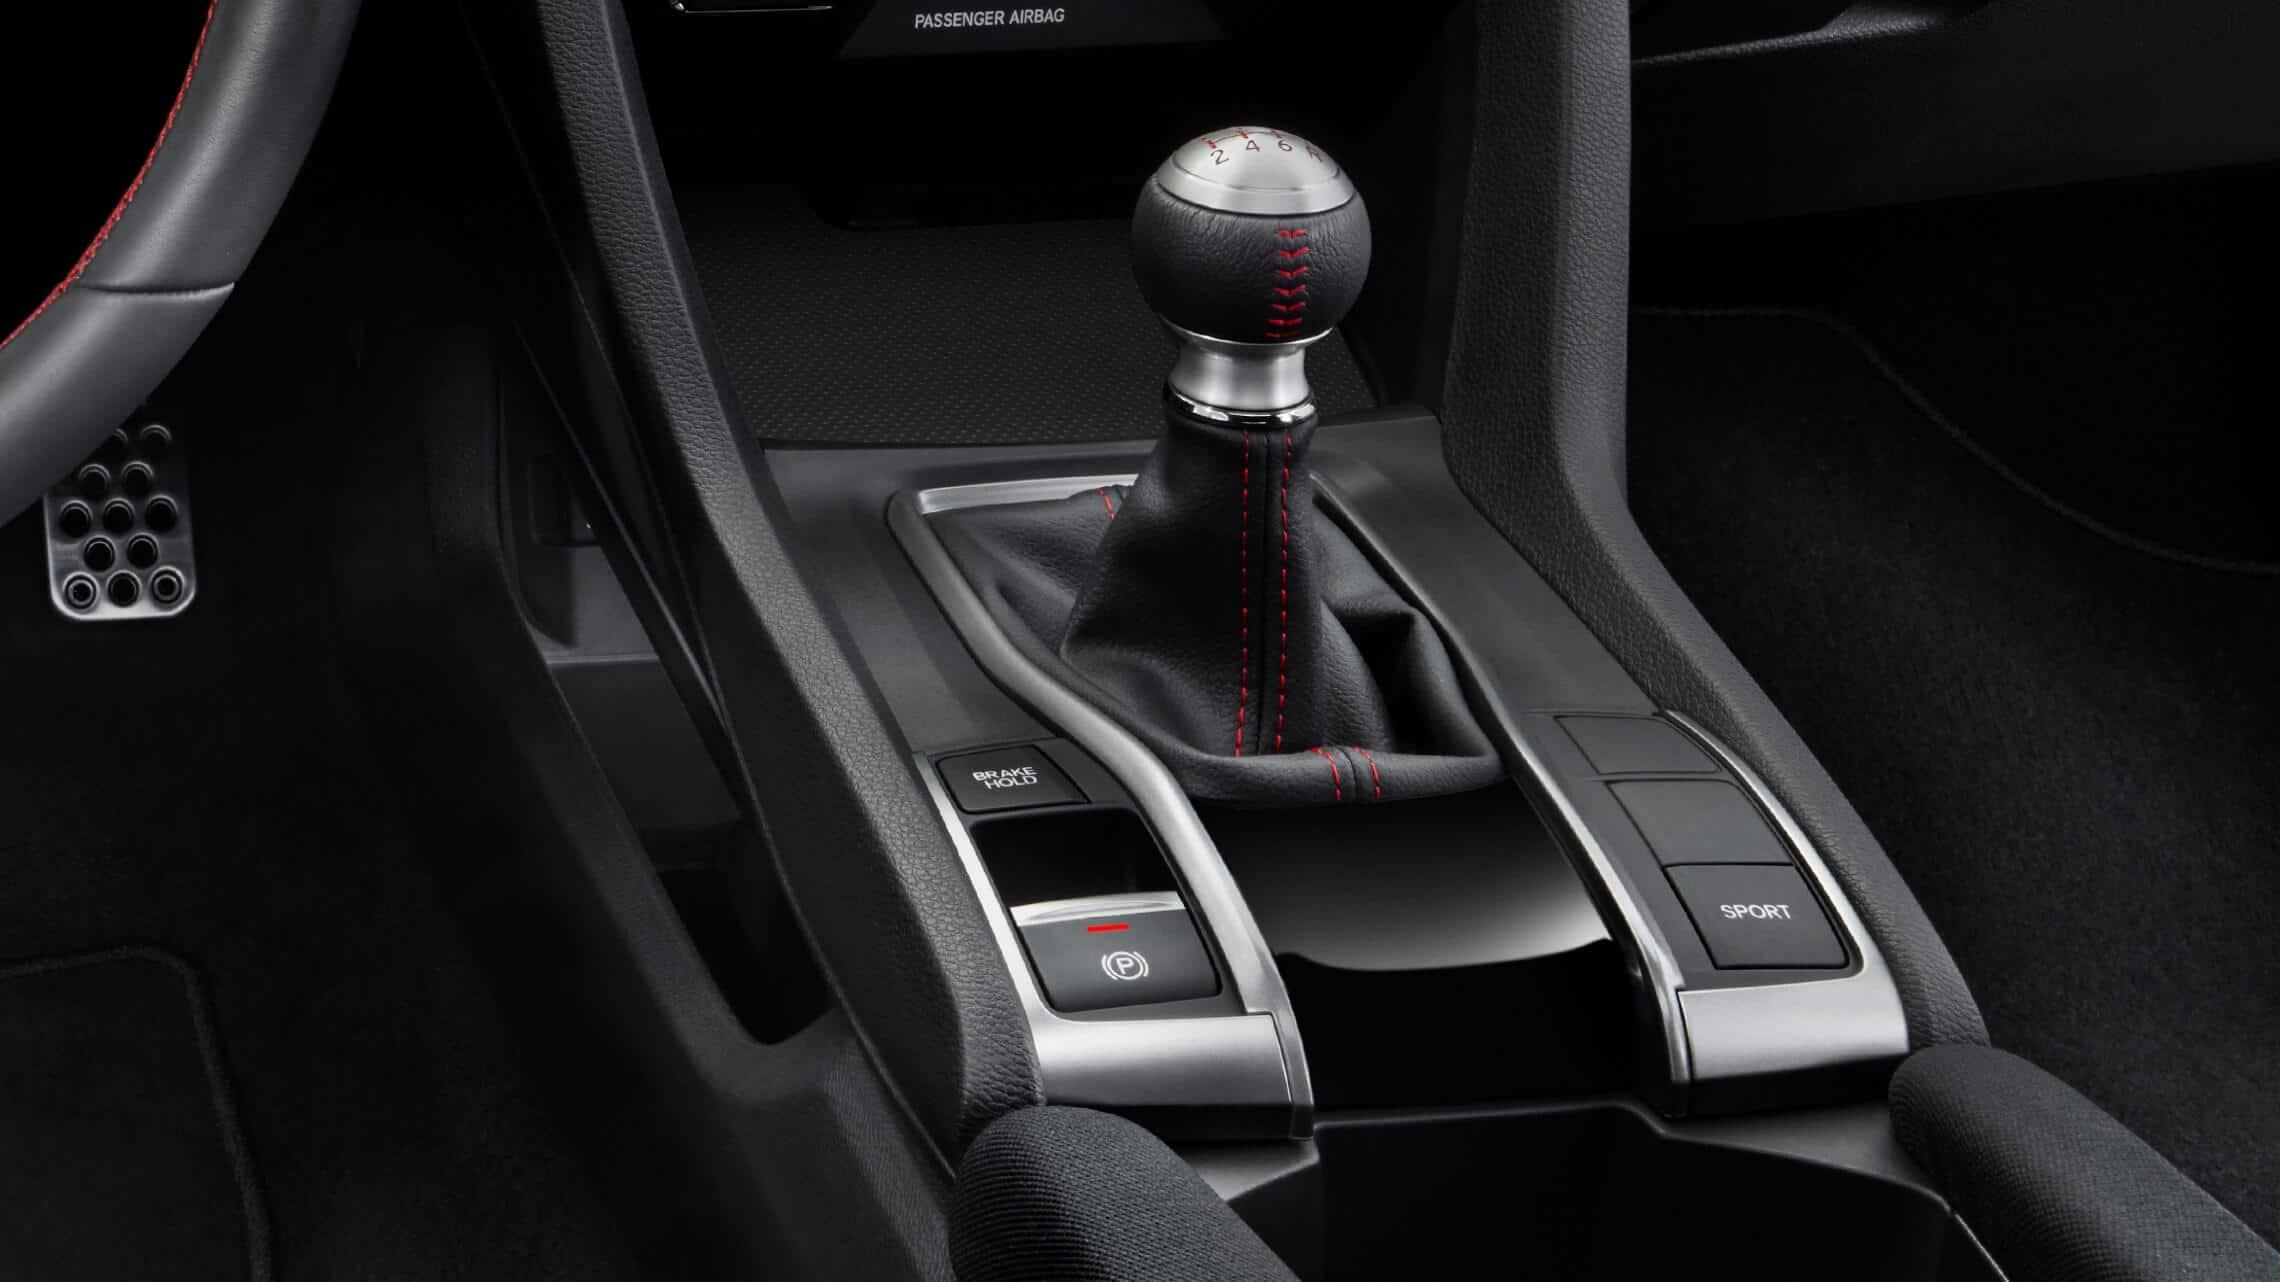 Detalle del mando de transmisión manual de 6velocidades con controles de modo de conducción en el Honda Civic Si Coupé2020.